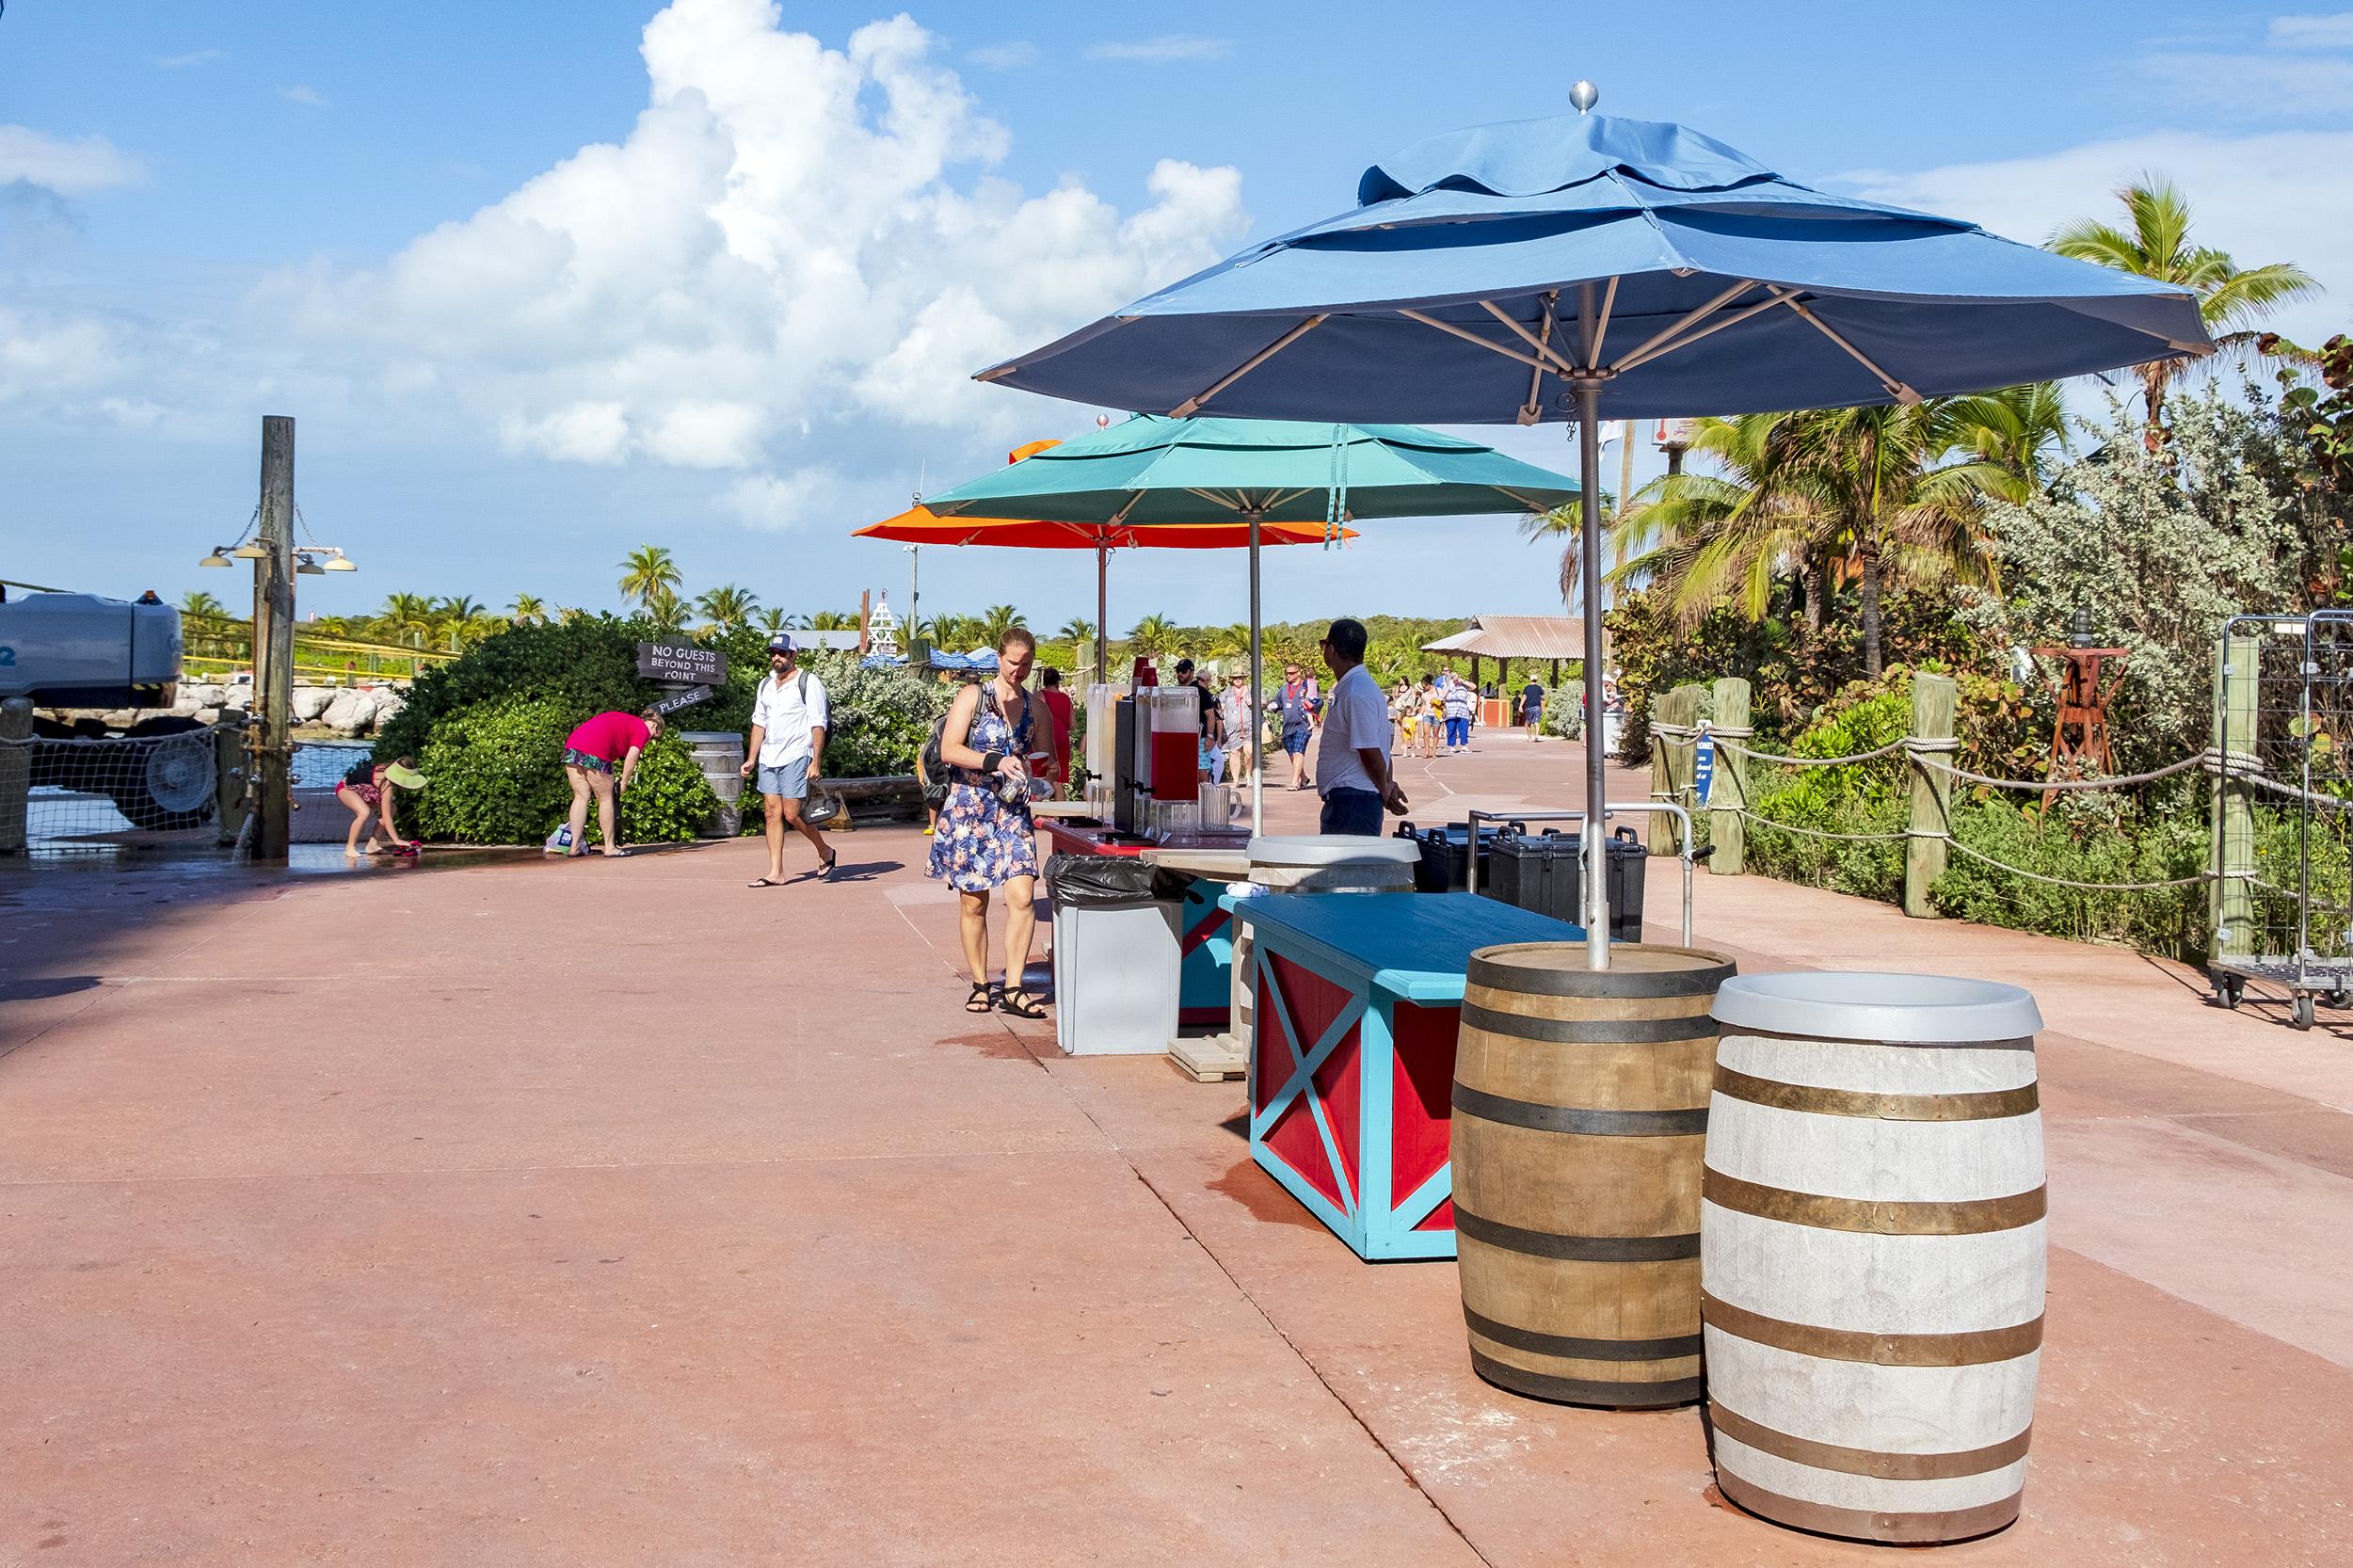 Castaway Cay Bahamas Disney Dream